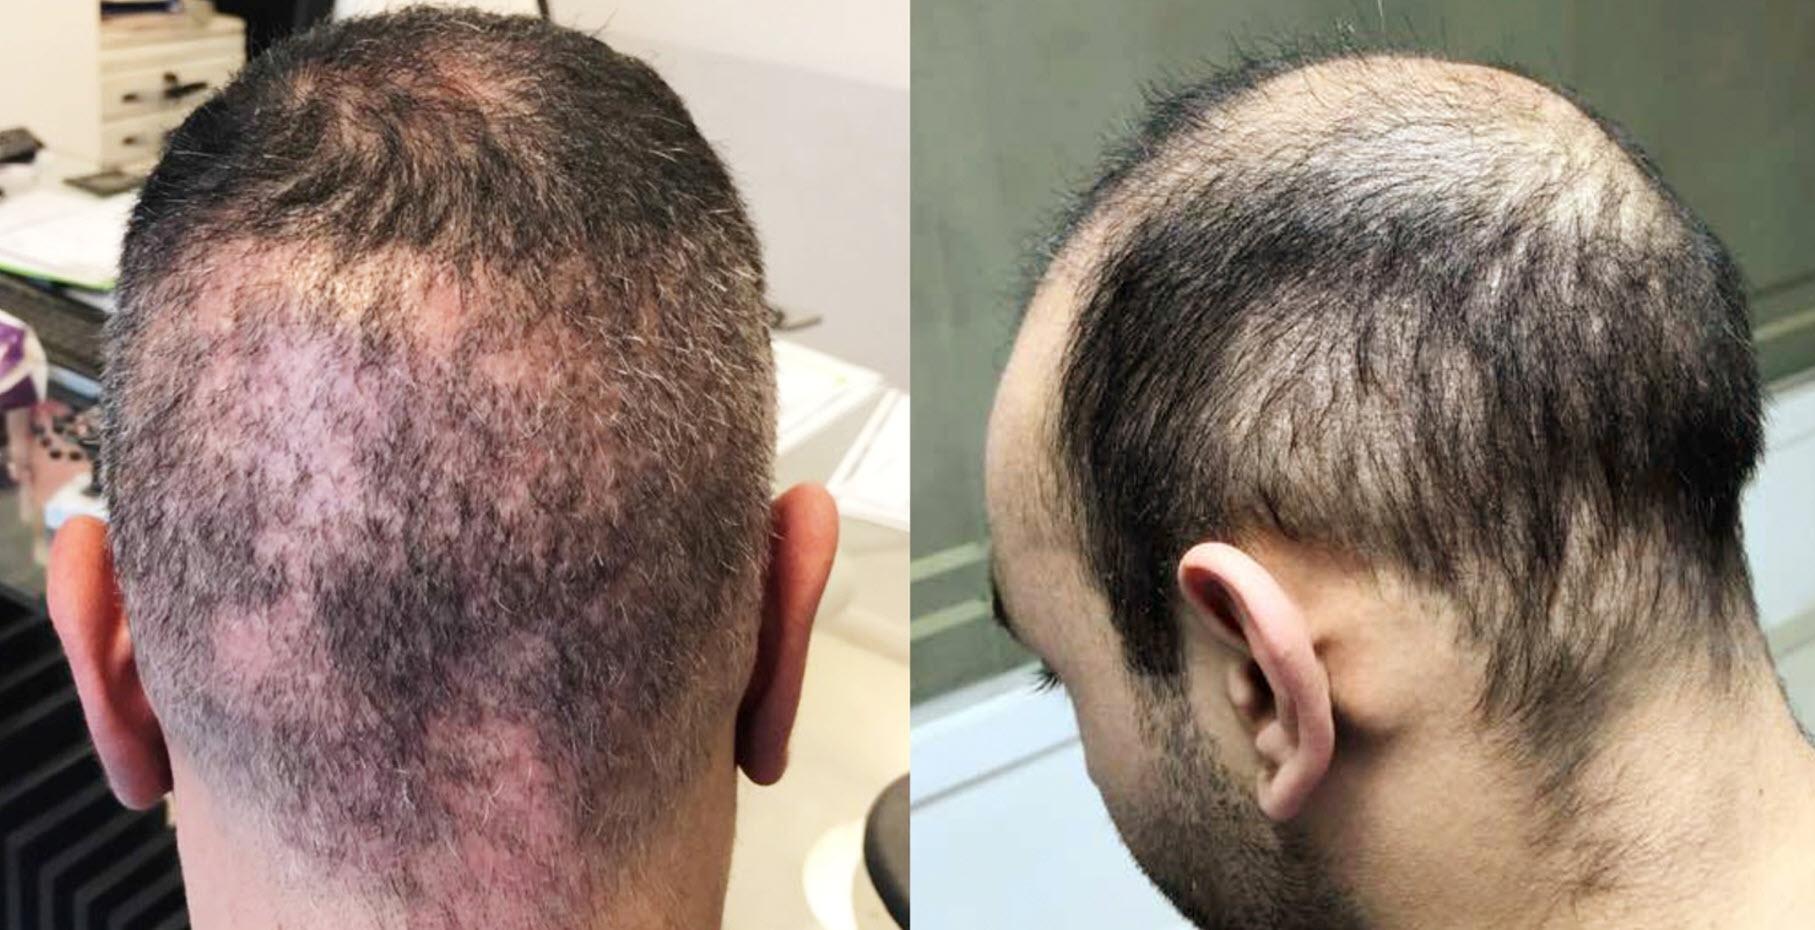 Trapianto di capelli Turchia: cicatrici visibili